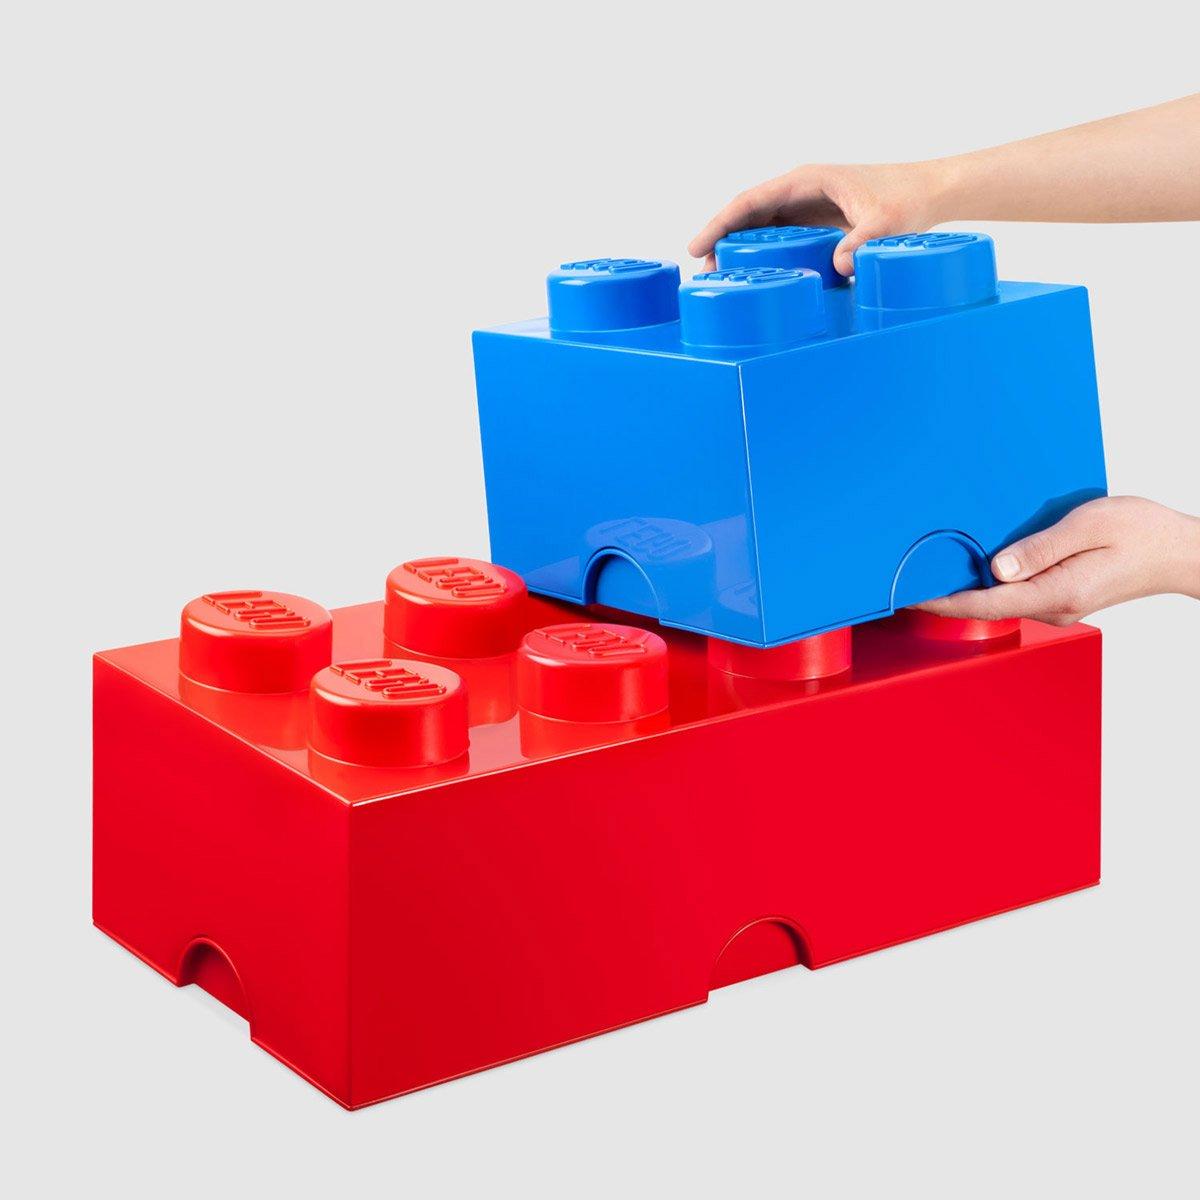 Merveilleux Massive LEGO Stackable Storage Bricks